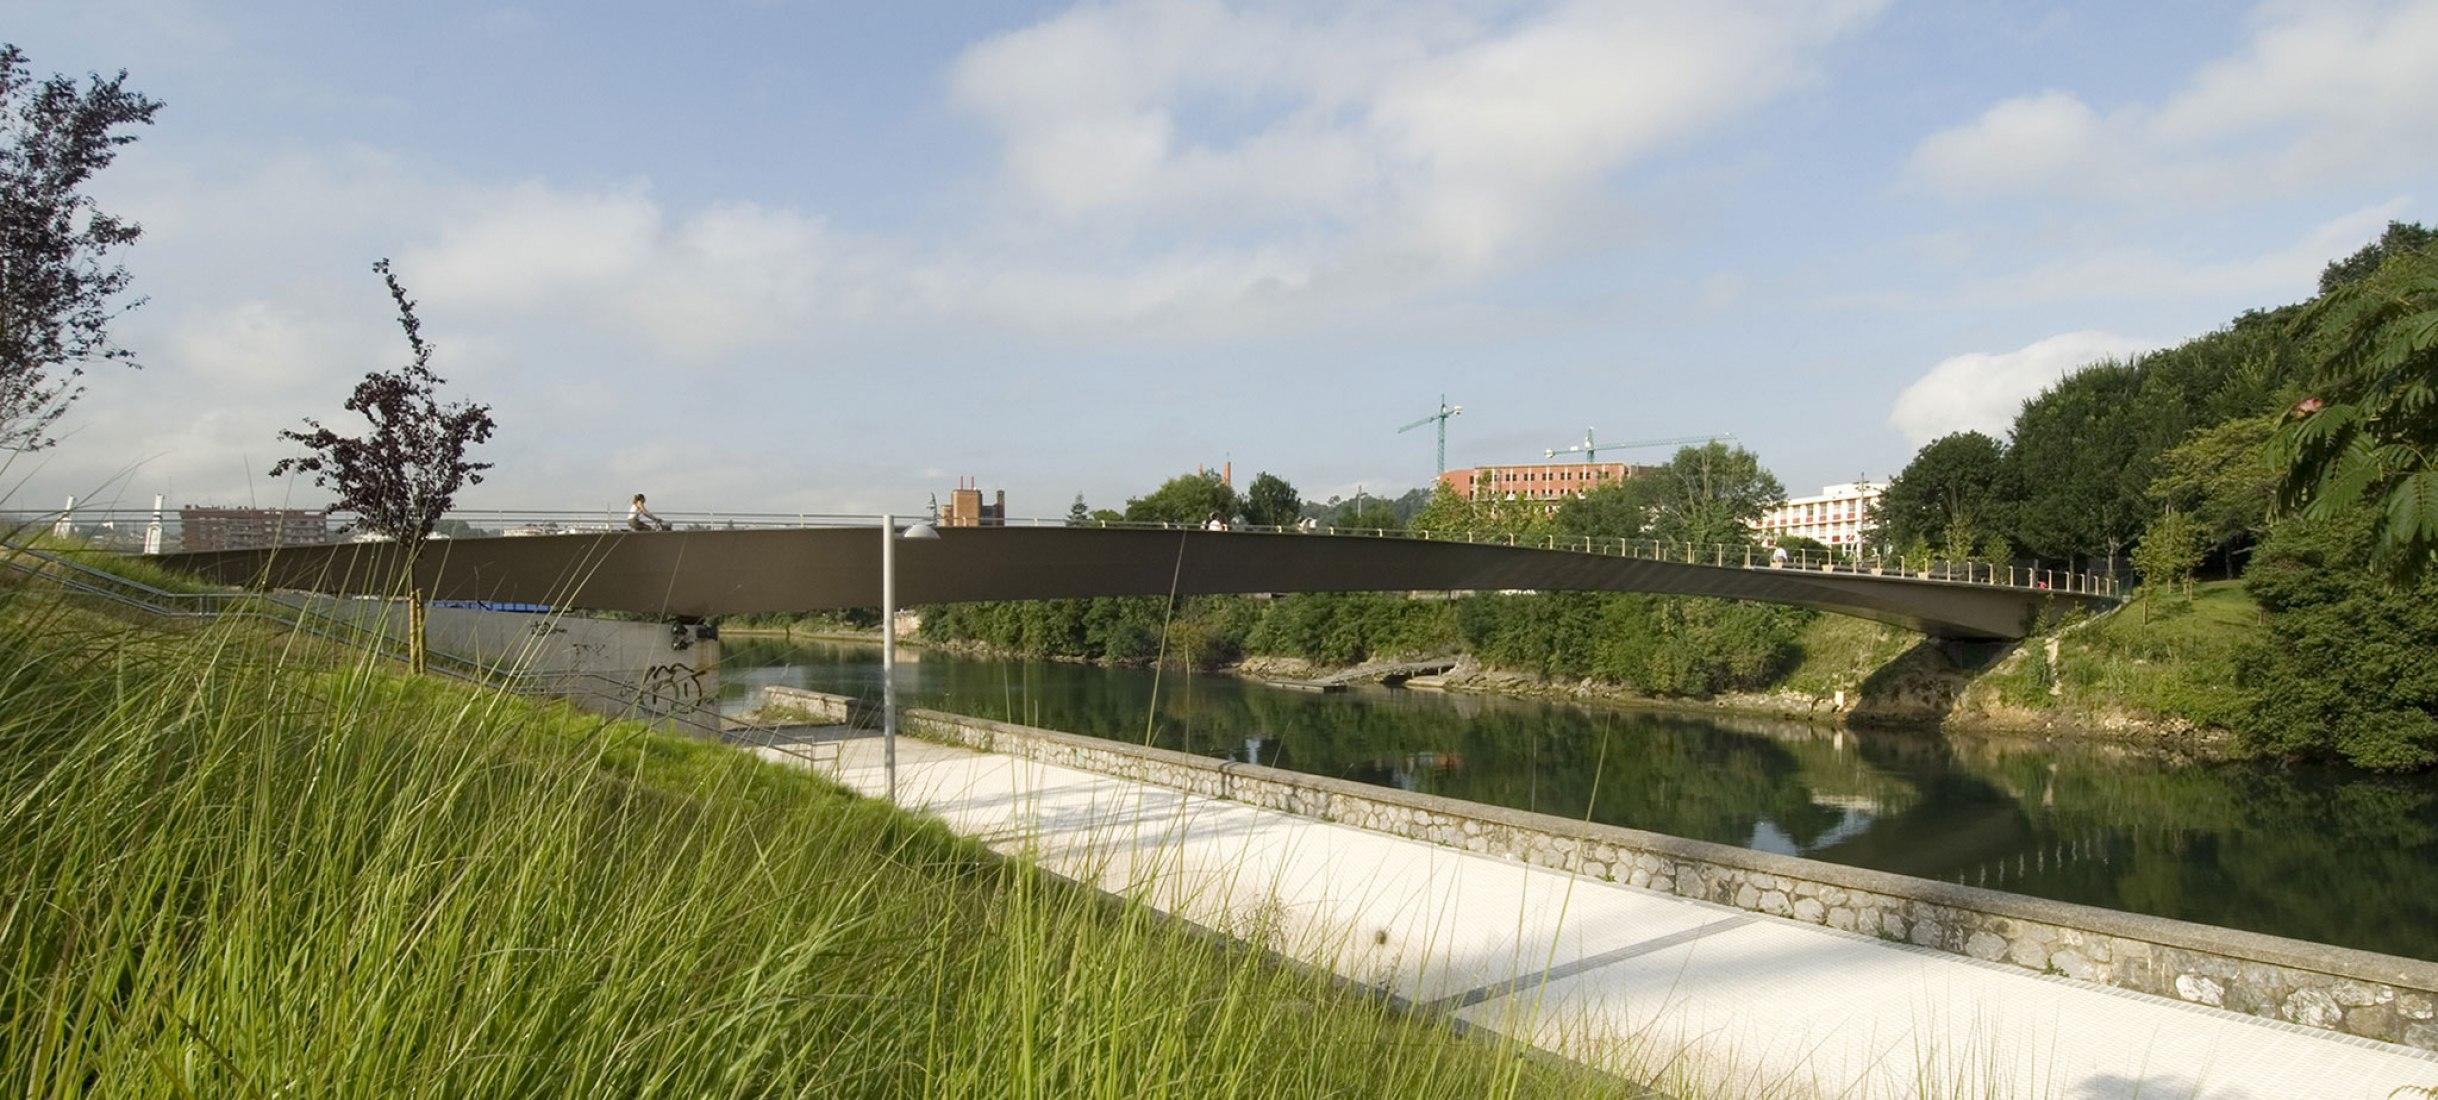 Pasarela Riberas de Loiola. Anta IC y Agence TER. Fotografía © Idoia Unzurrunzaga. Cortesía de Anta IC.